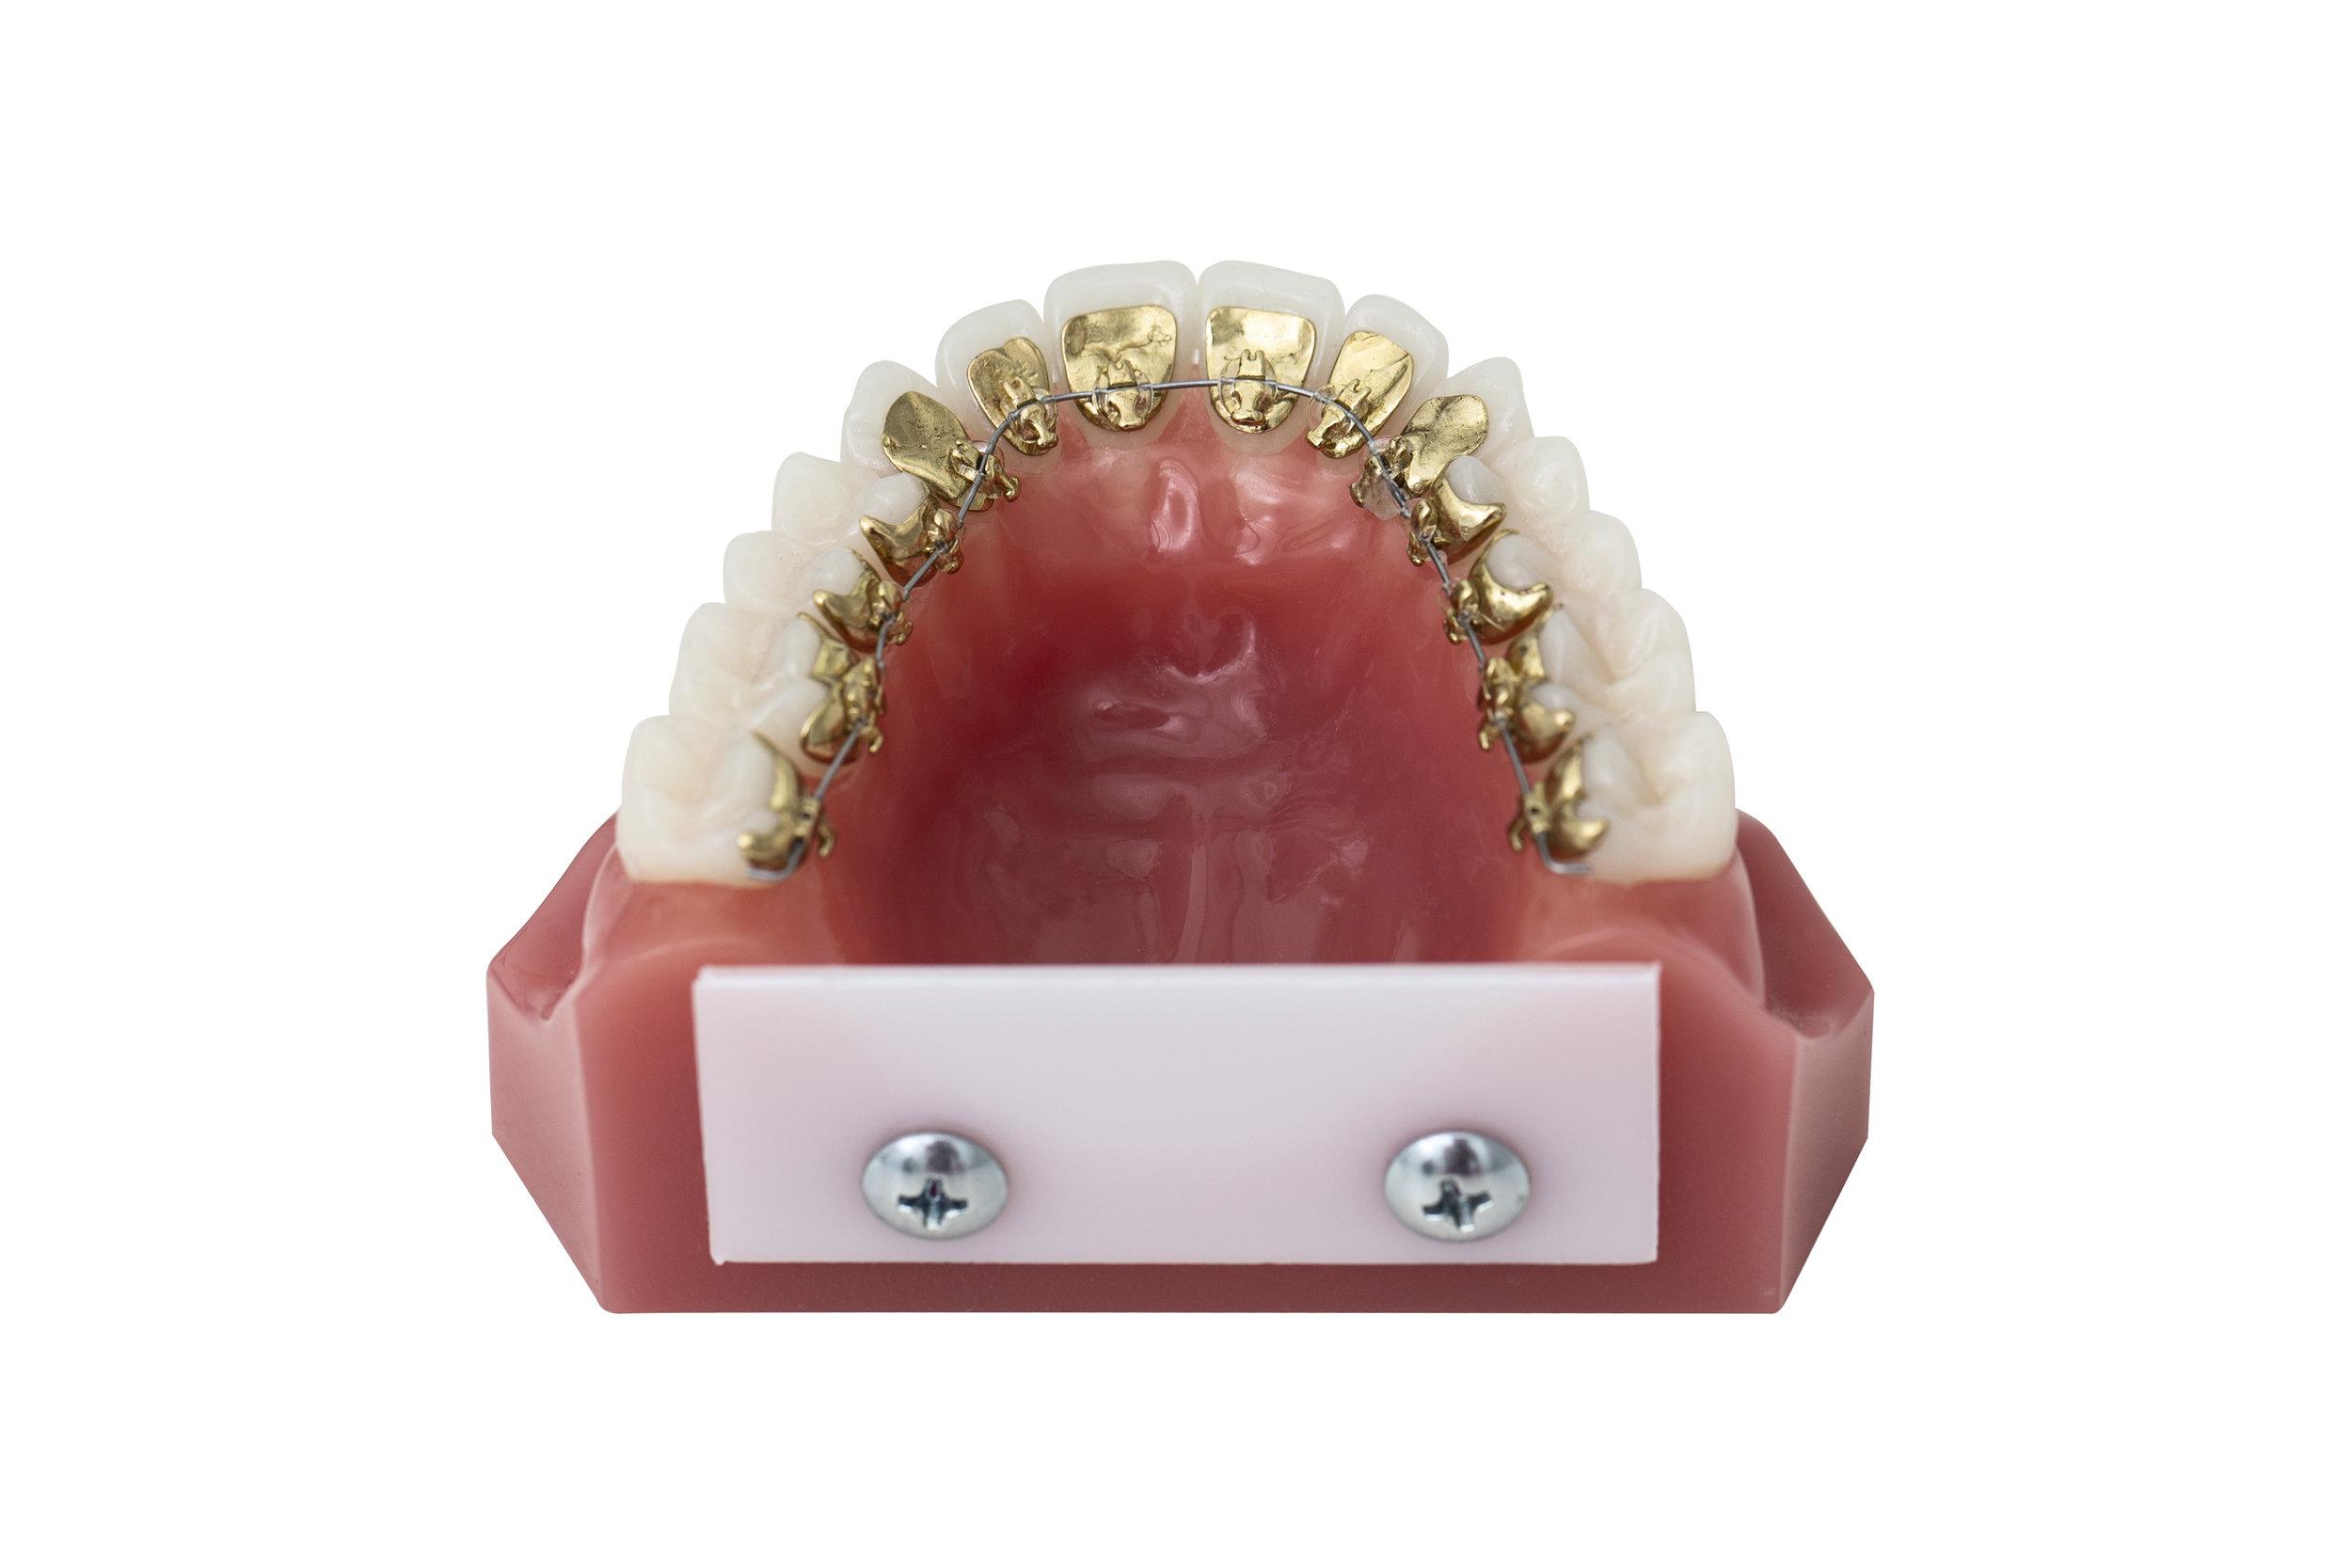 Incognito & WIN - Ett alternativ är tandställningar som fästs på tandradens insida, exempelvis Incognitoeller WIN. Den här behandlingen syns inte eftersom fästena sitter på tändernas insida. Tandställningen sitter fast och kan inte tas ut. Boka tid…